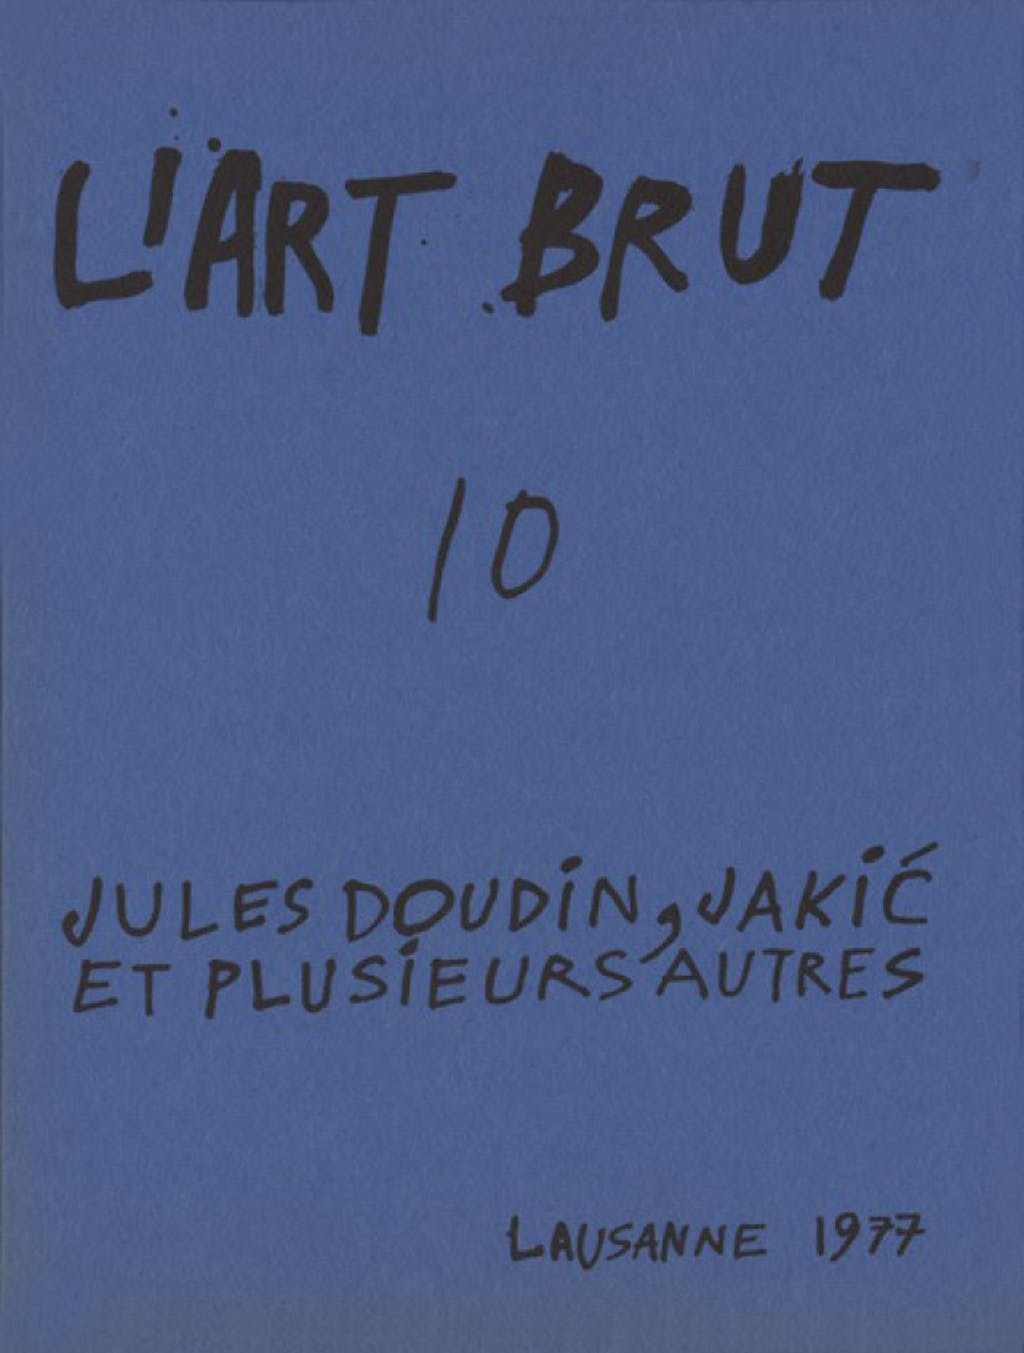 Fascicule de l'art brut n°10 - © christian berst — art brut